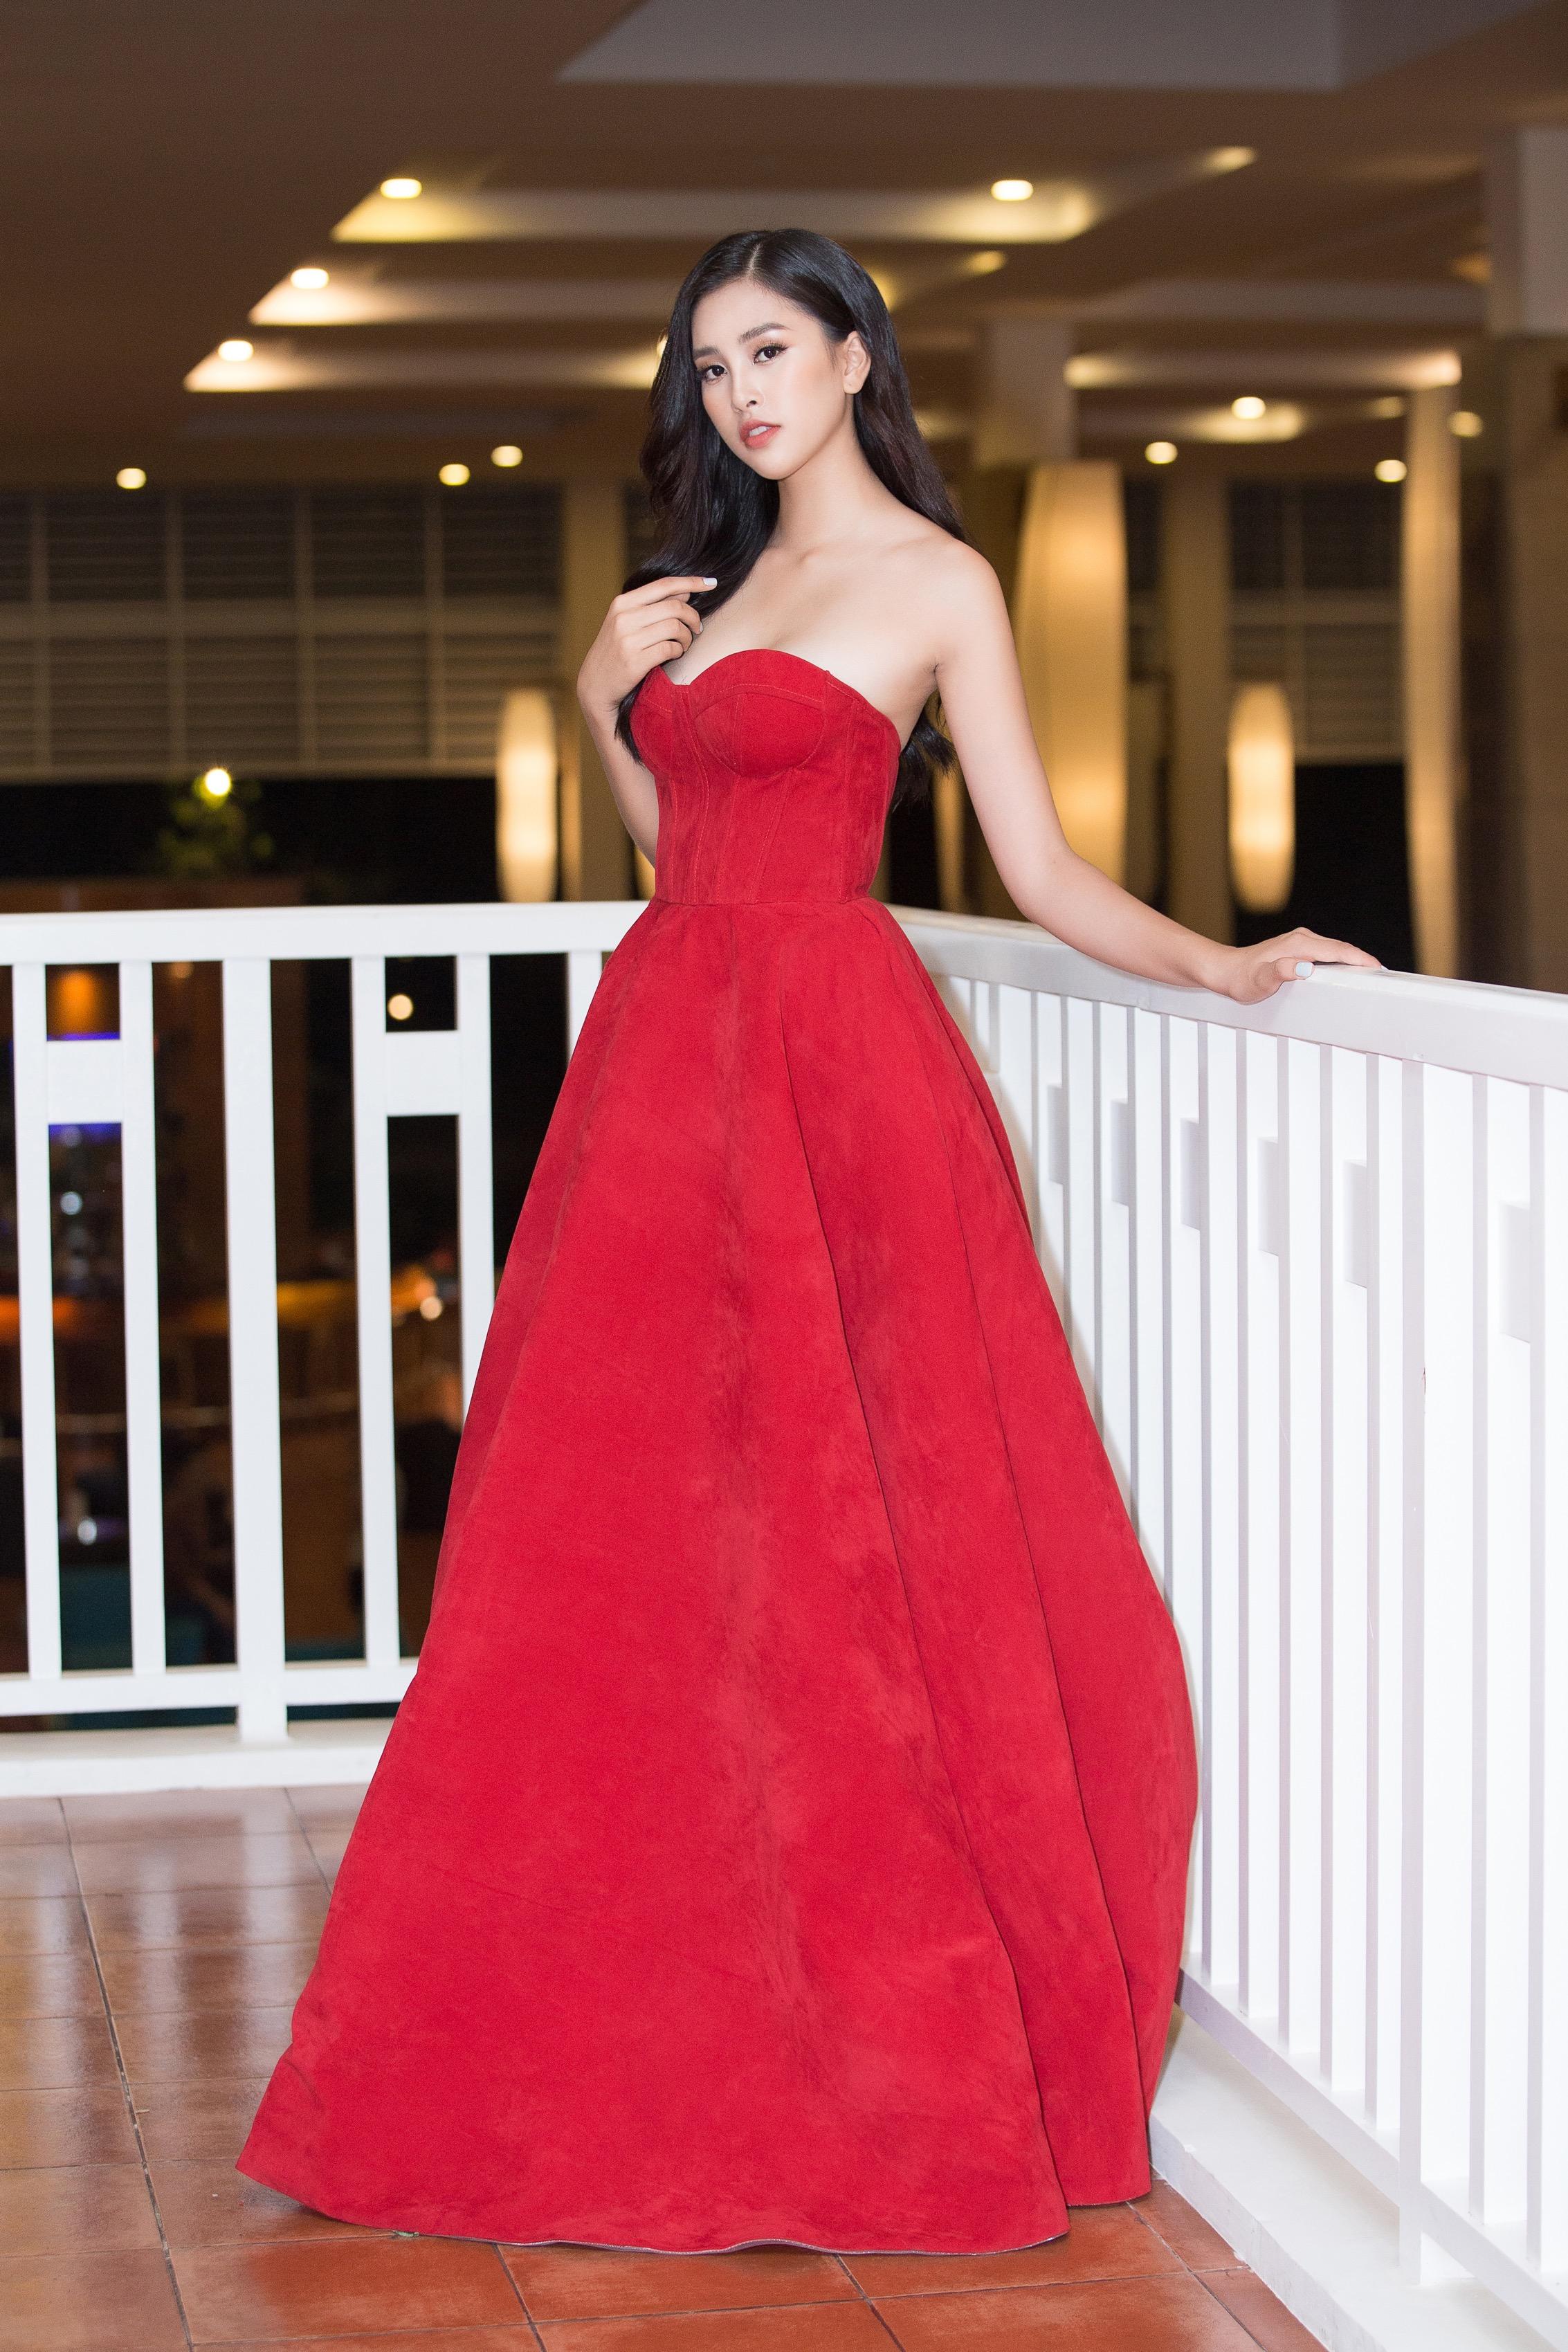 Hoa hậu Tiểu Vy mặc đầm cúp ngực quyến rũ khó tả Ảnh 3